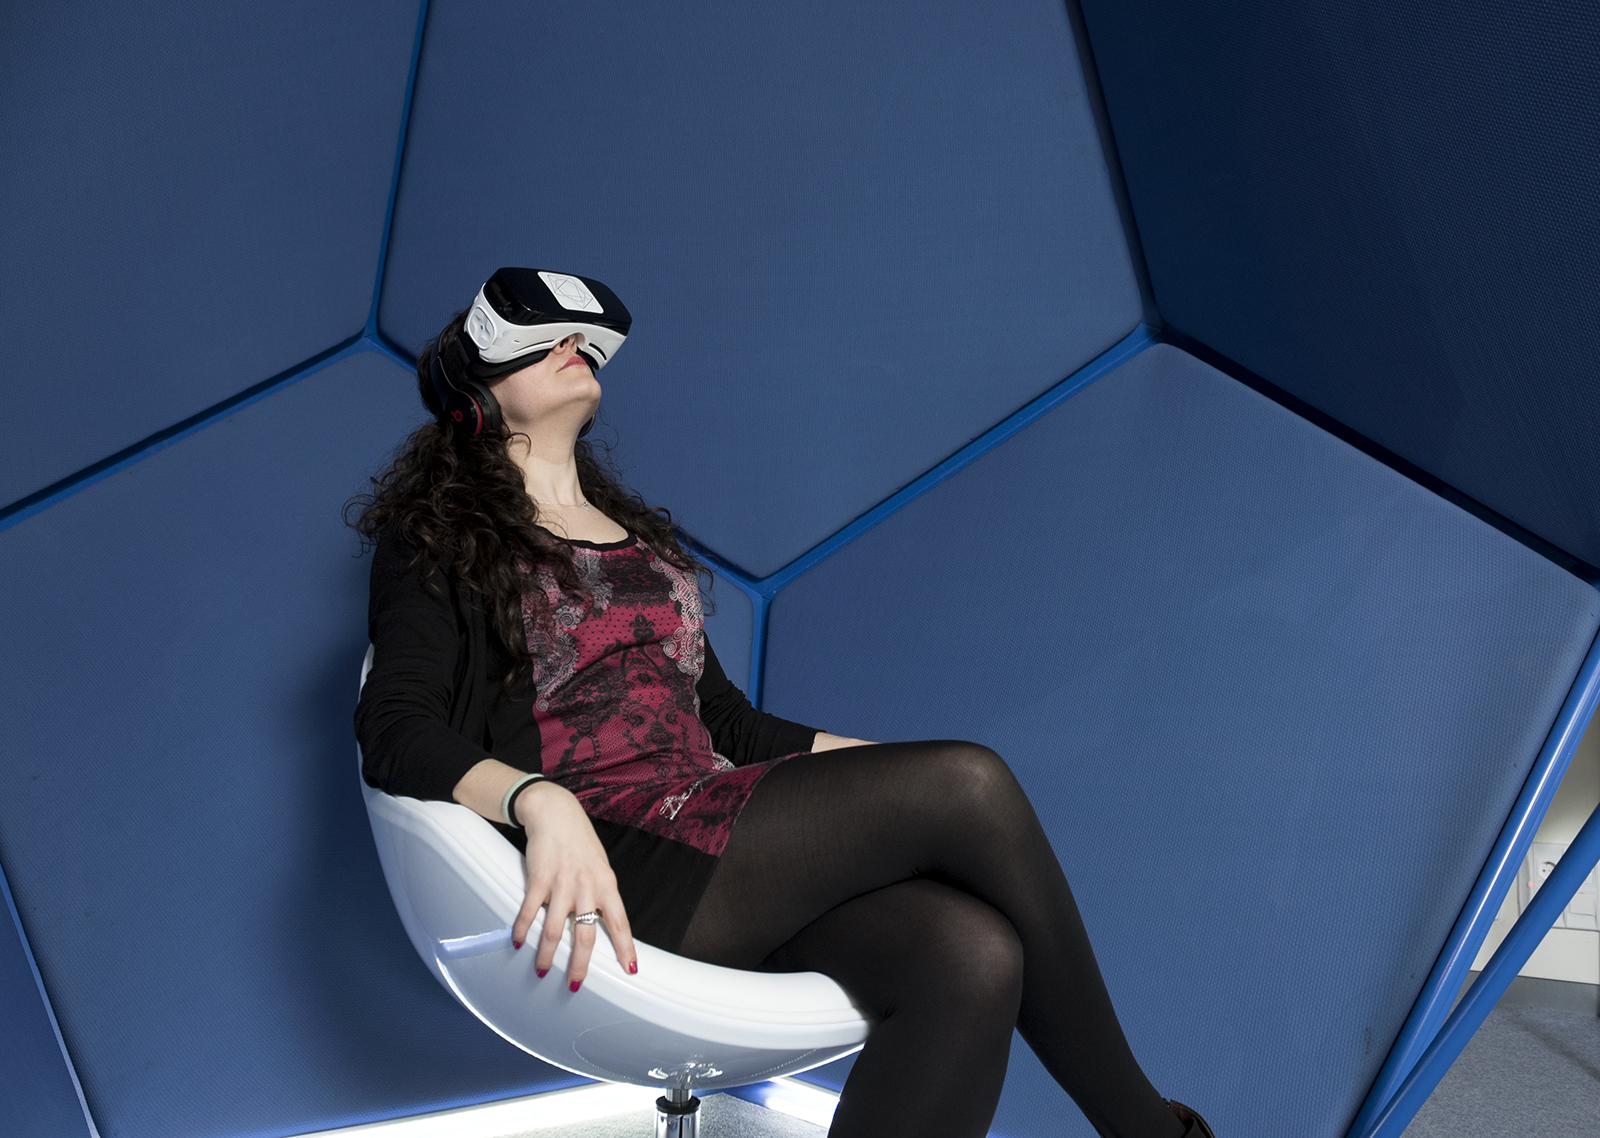 La experiencia más increíble de la realidad virtual